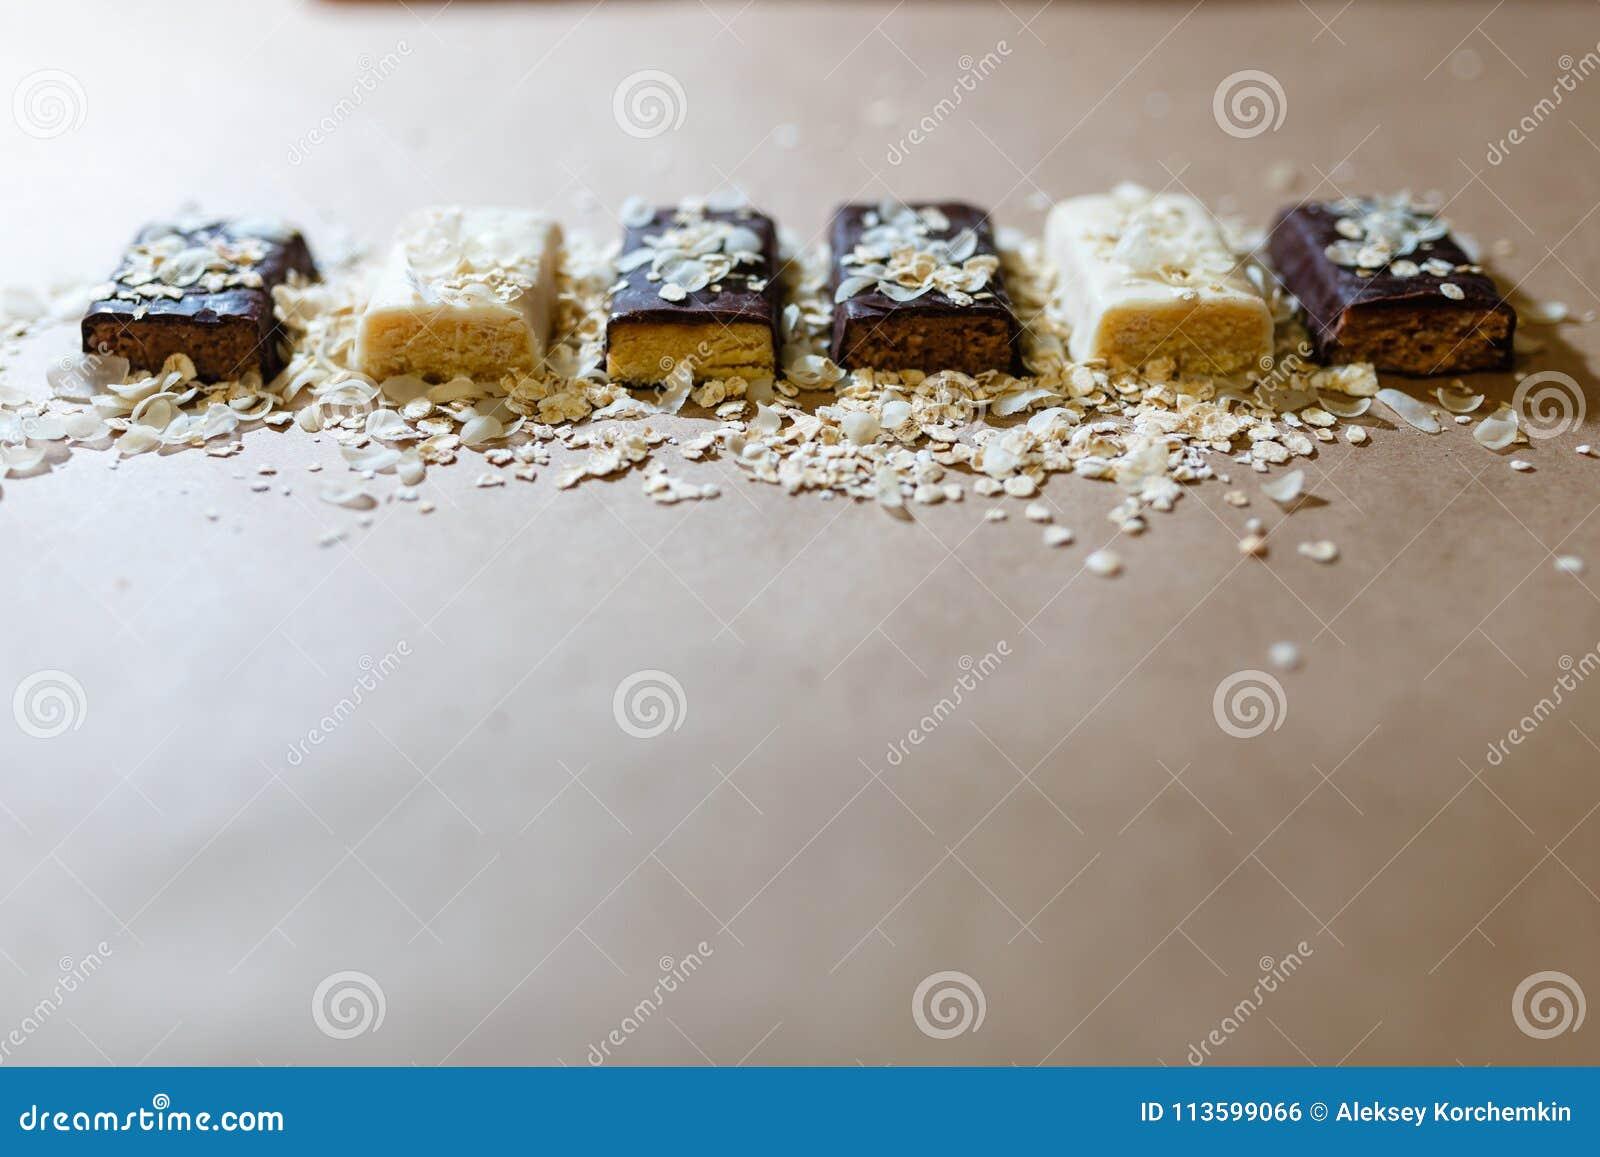 Οι πρωτεϊνικοί φραγμοί σοκολάτας πρόχειρων φαγητών με τις διαφορετικές γεύσεις στα πλαίσια ψεκάζουν τις νιφάδες ρυζιού σε χαρτί ψ